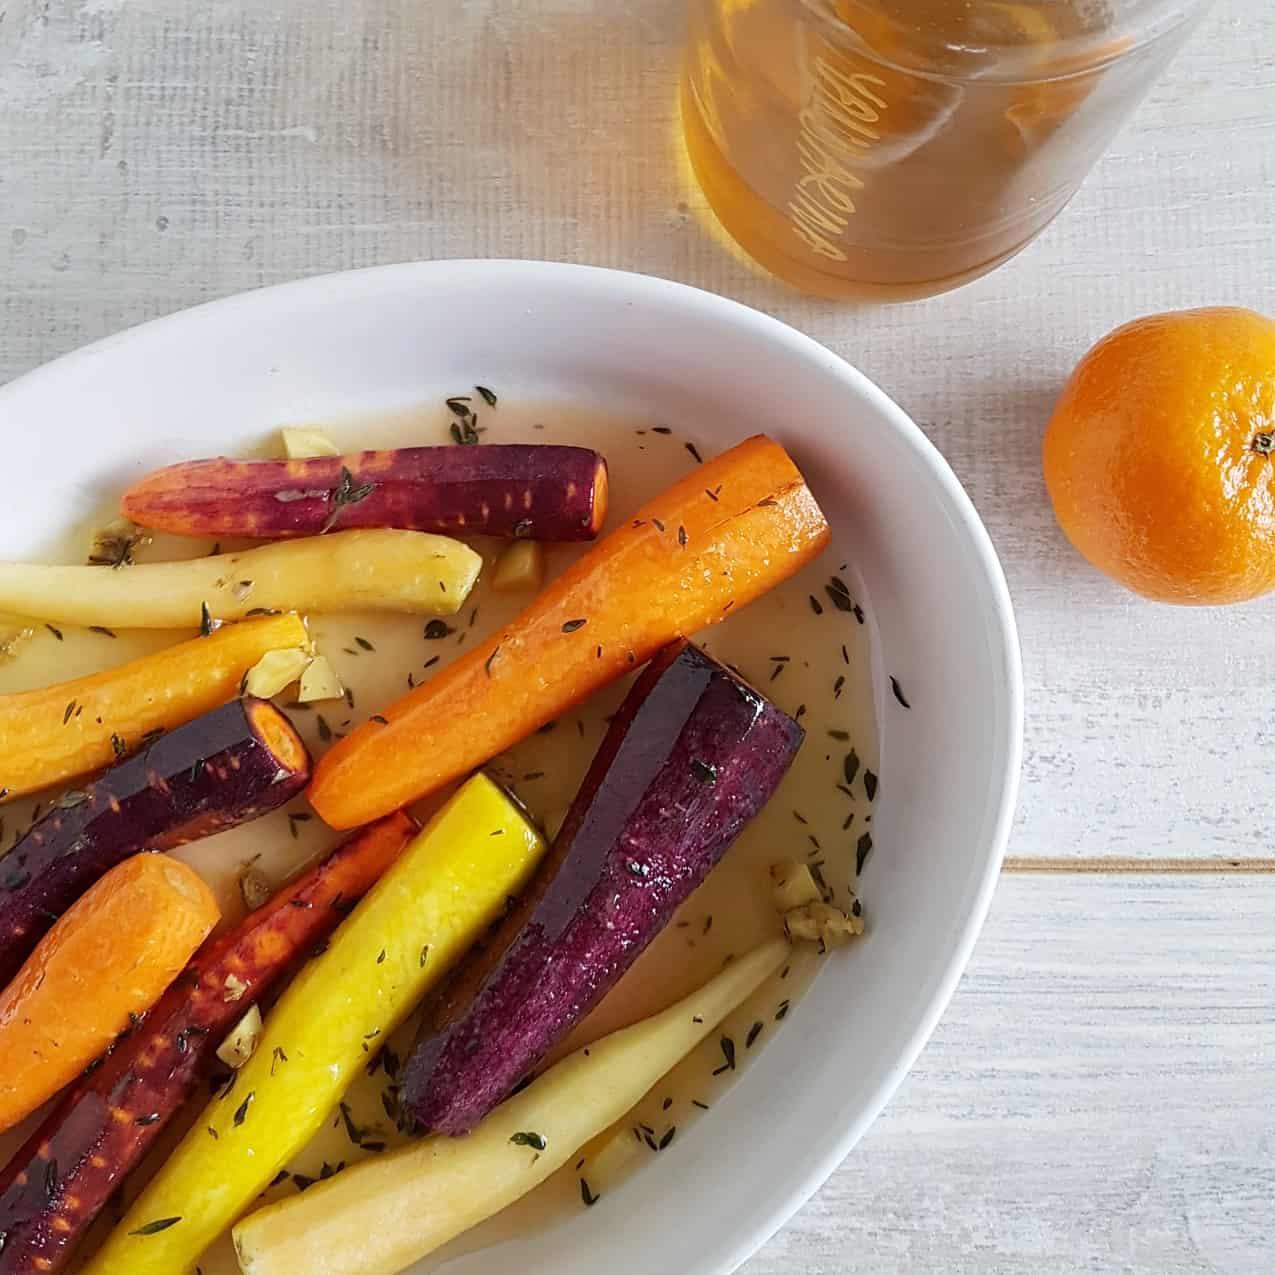 Geglaceerde wortels met honing en tijm